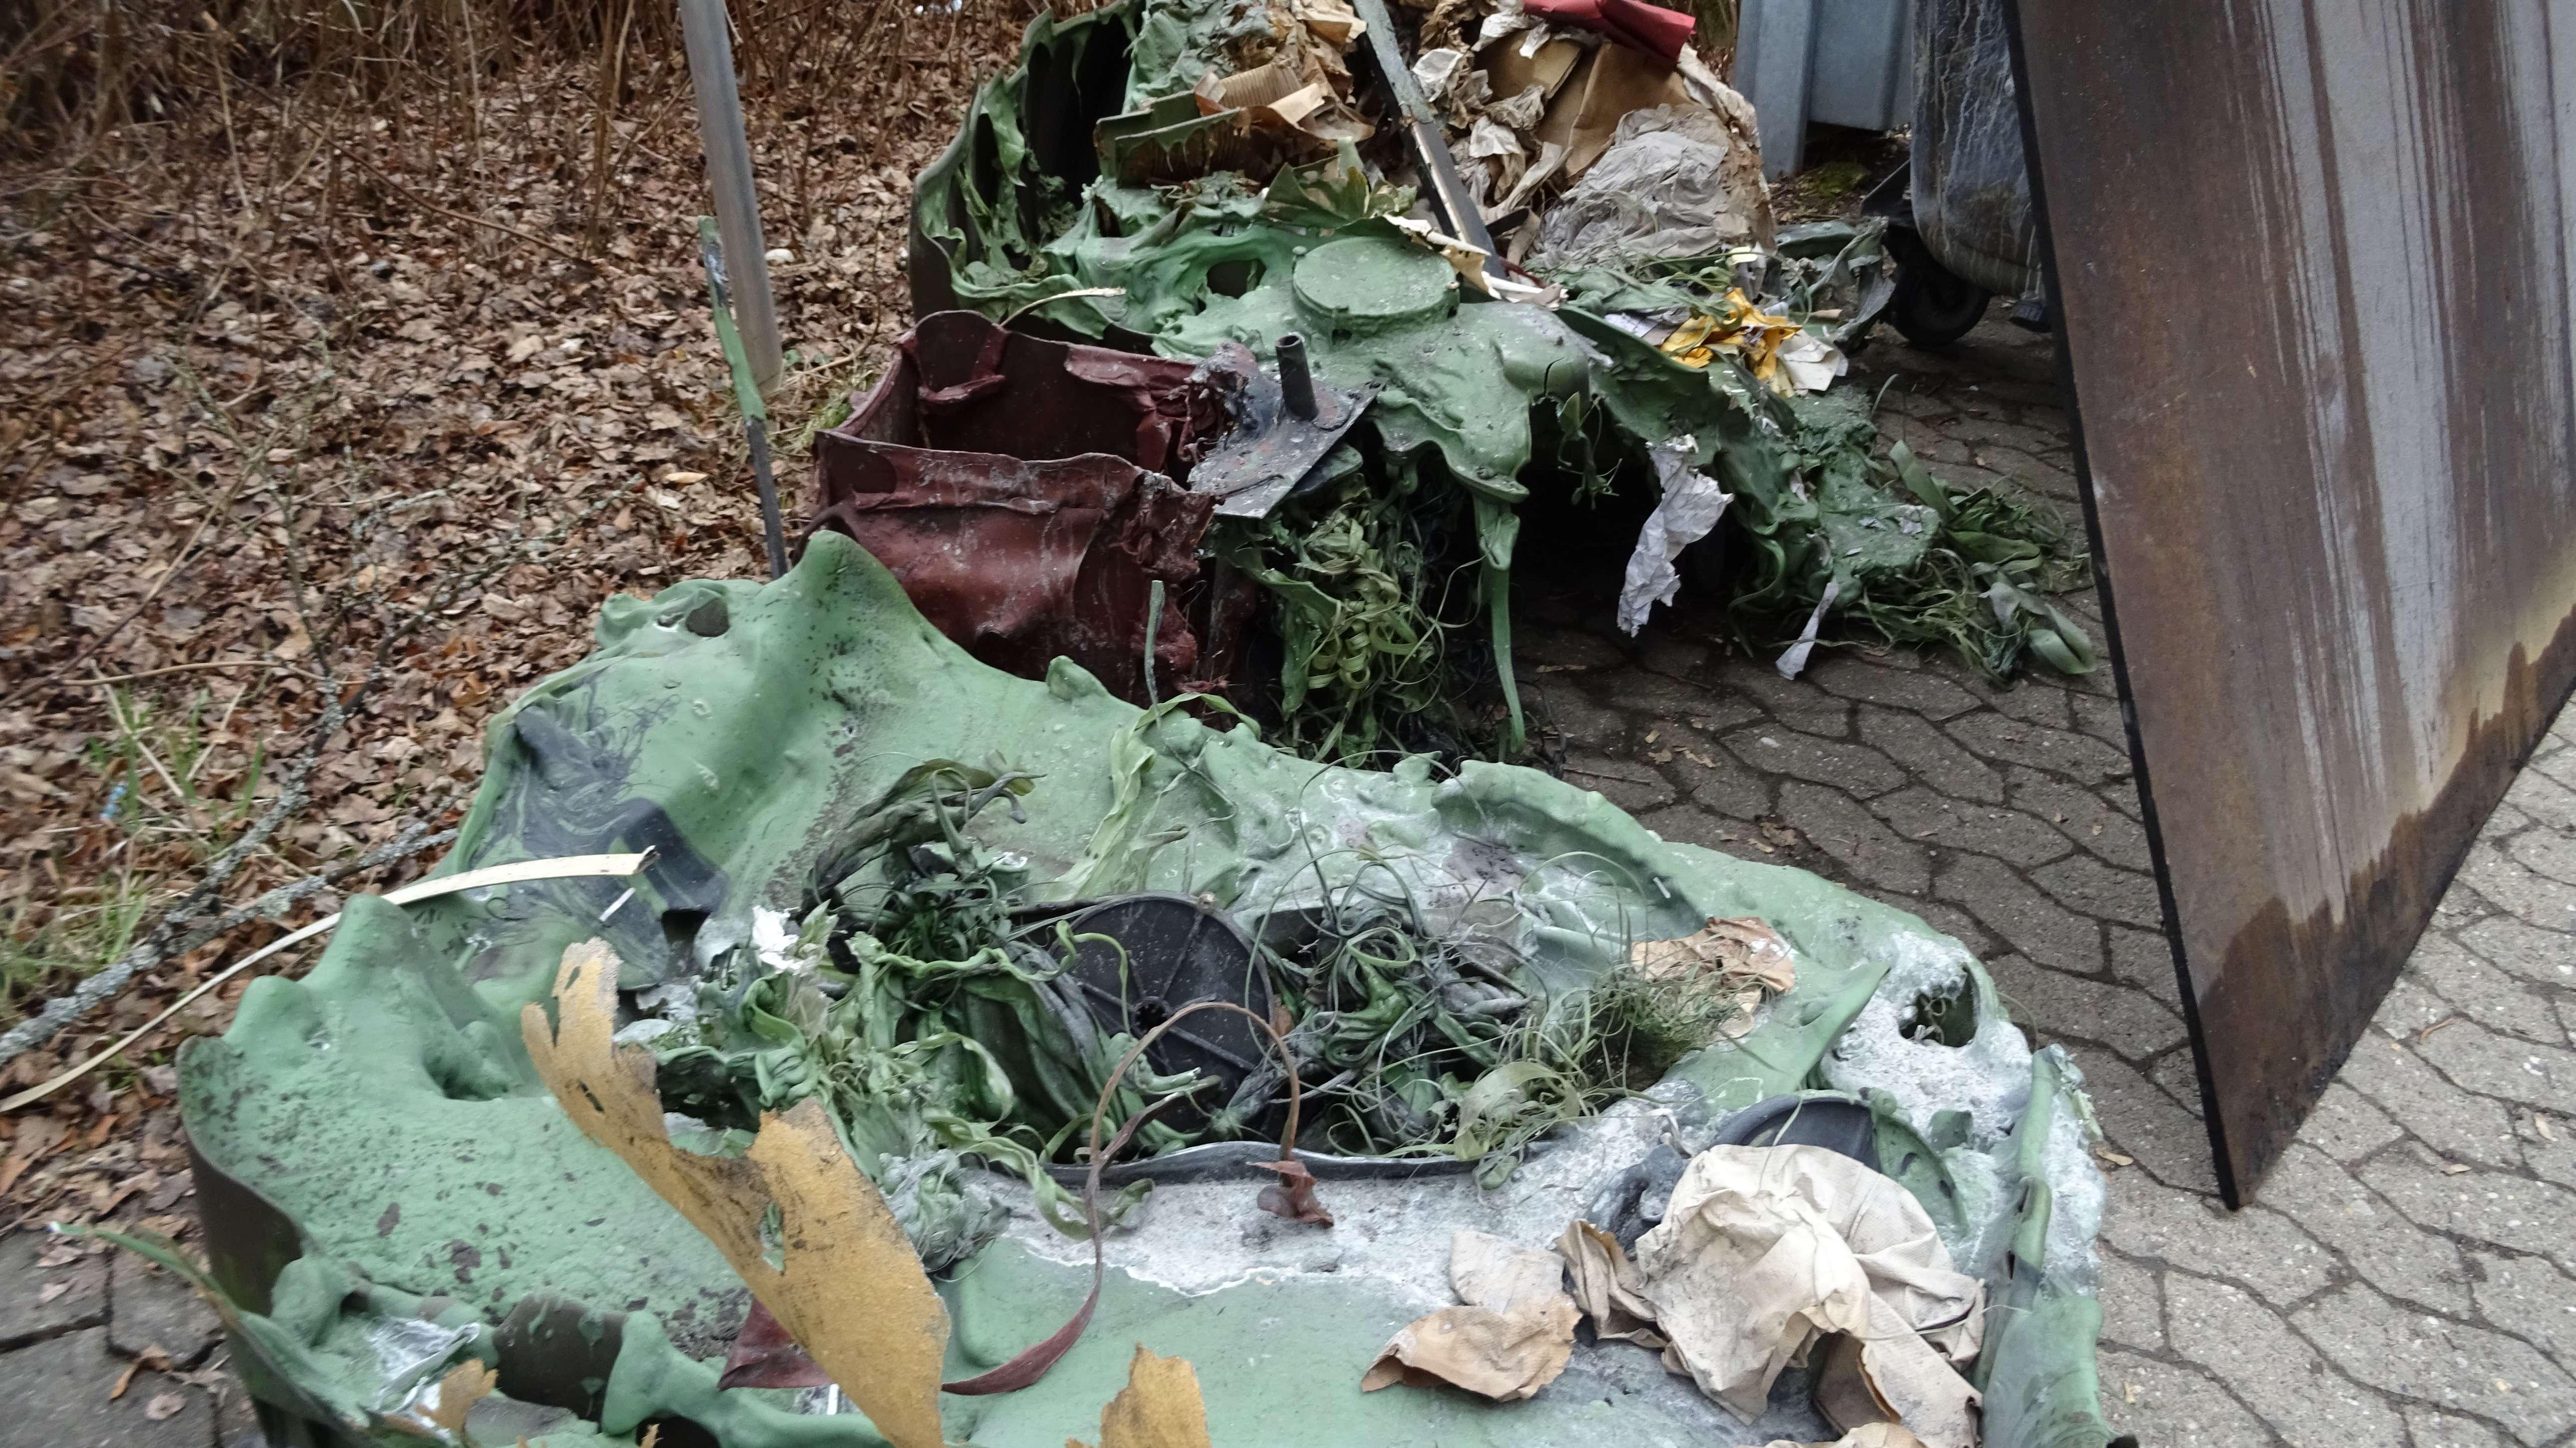 Verbranntes Plastik nach Brand in der Sigmund-Wann-Realschule Wunsiedel